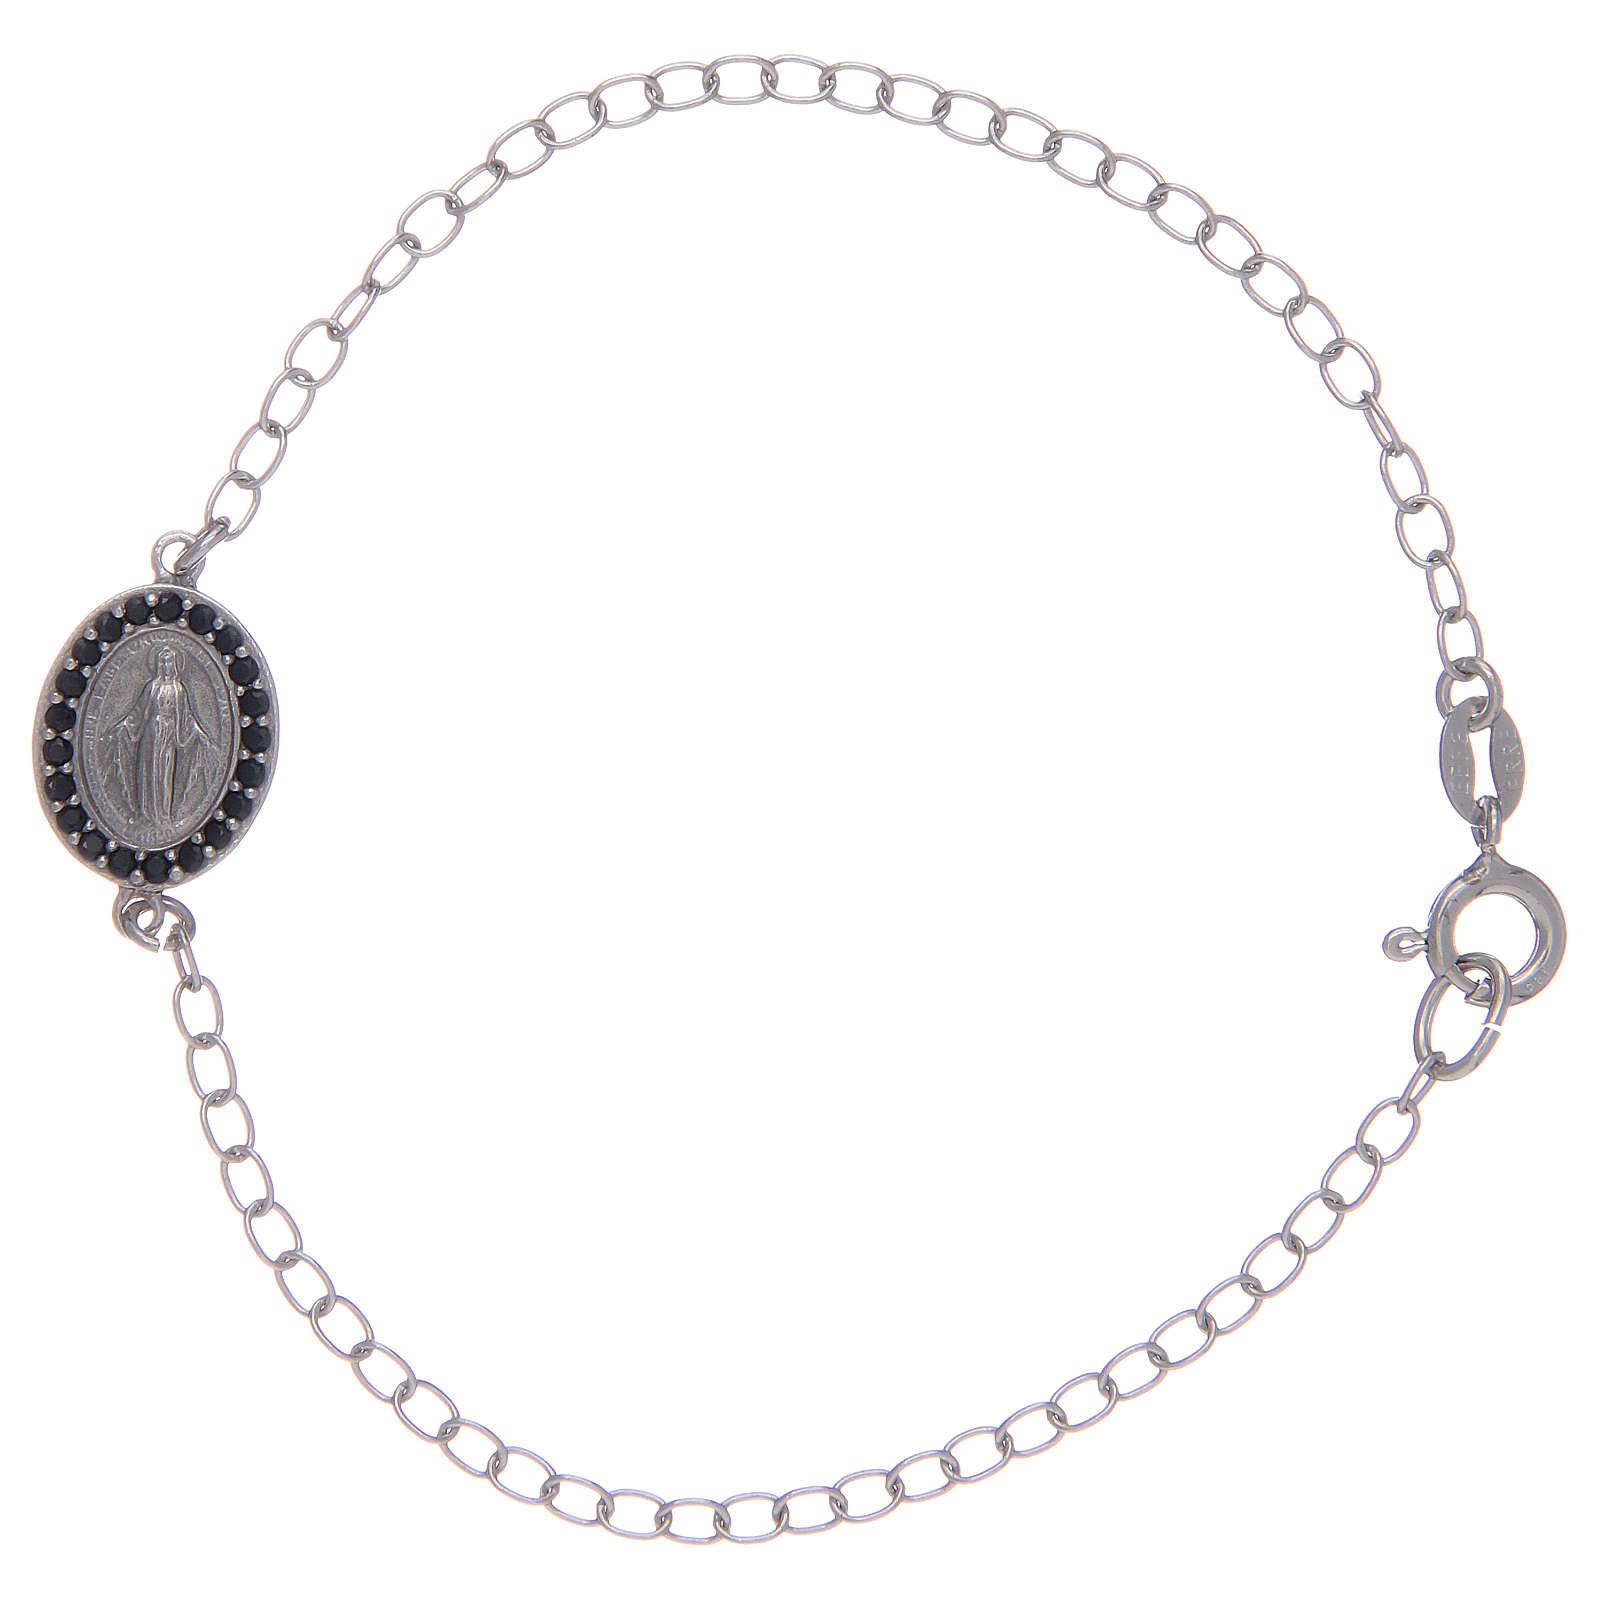 Bracelet avec médaille Miraculeuse en argent 925 pierres noires 4